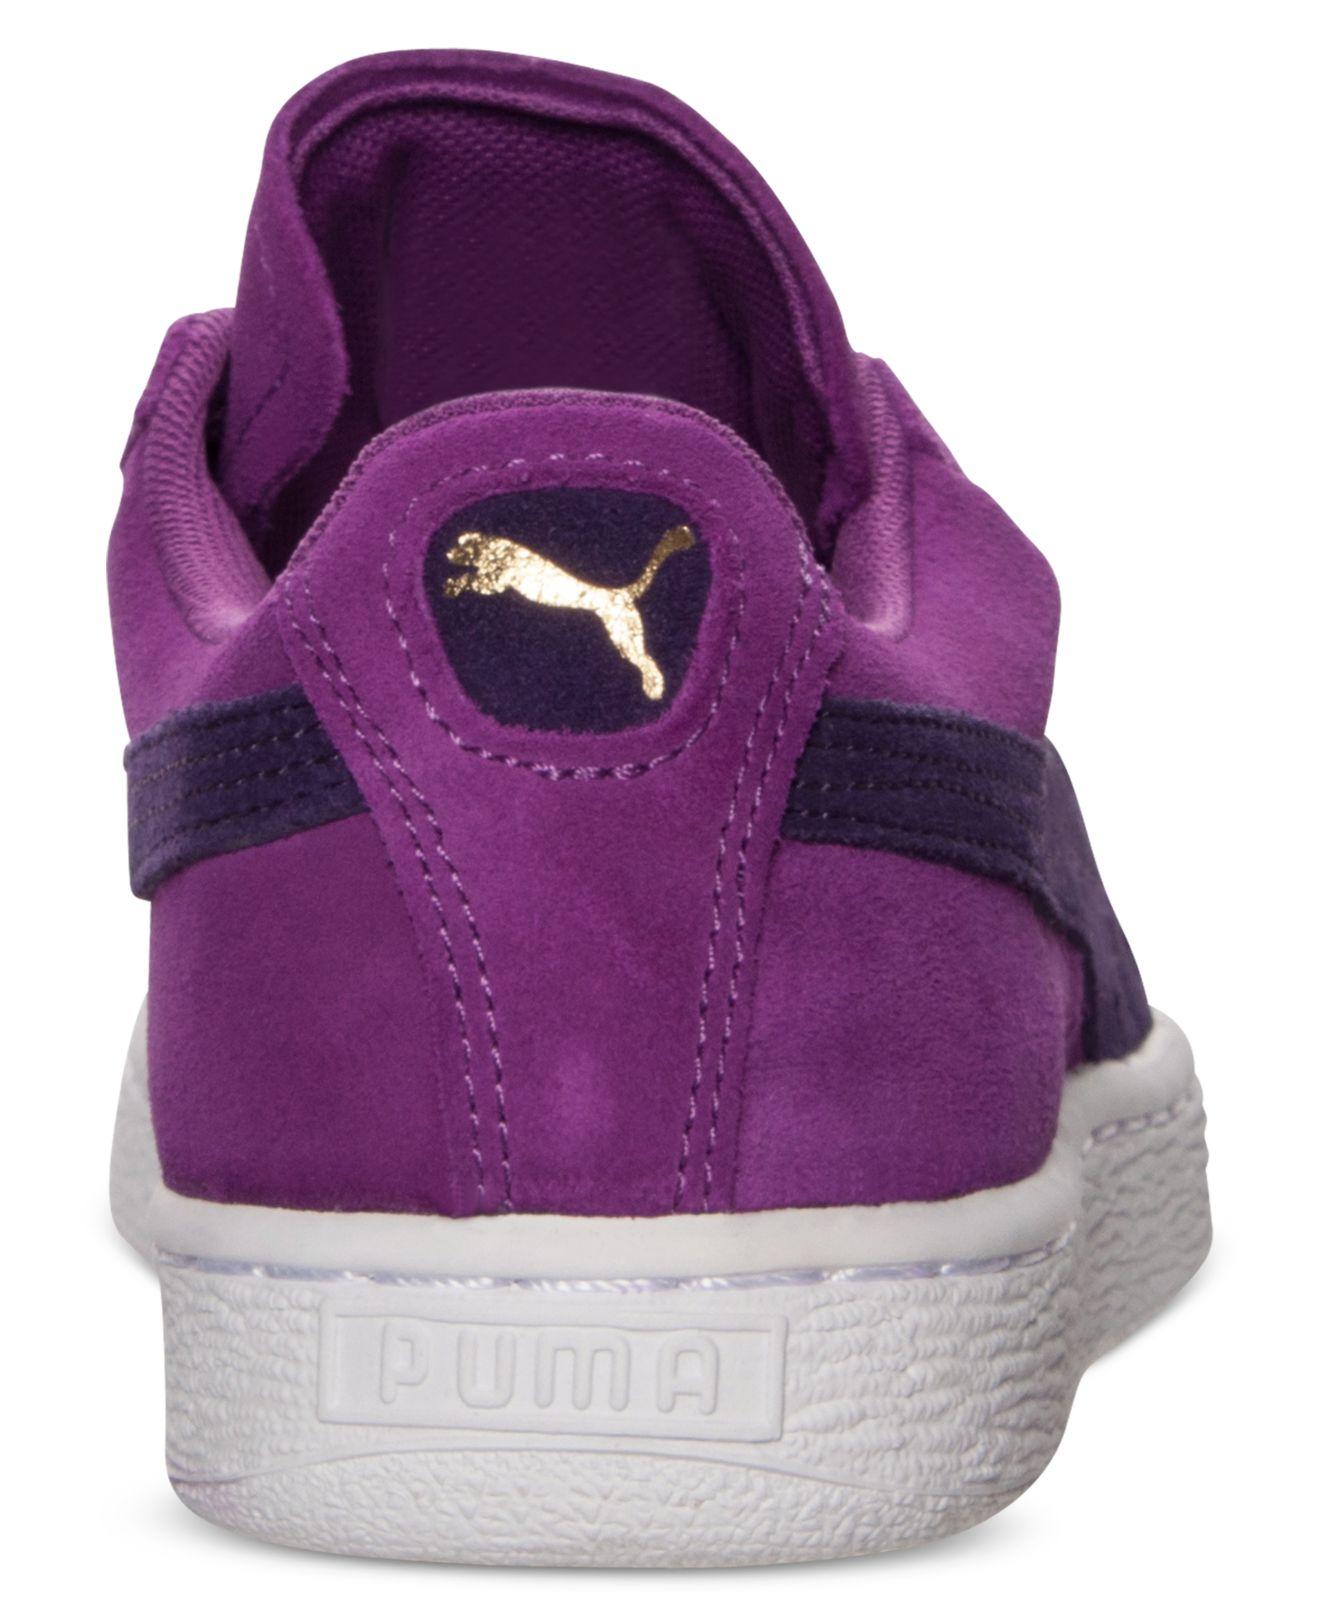 puma womens purple shoes